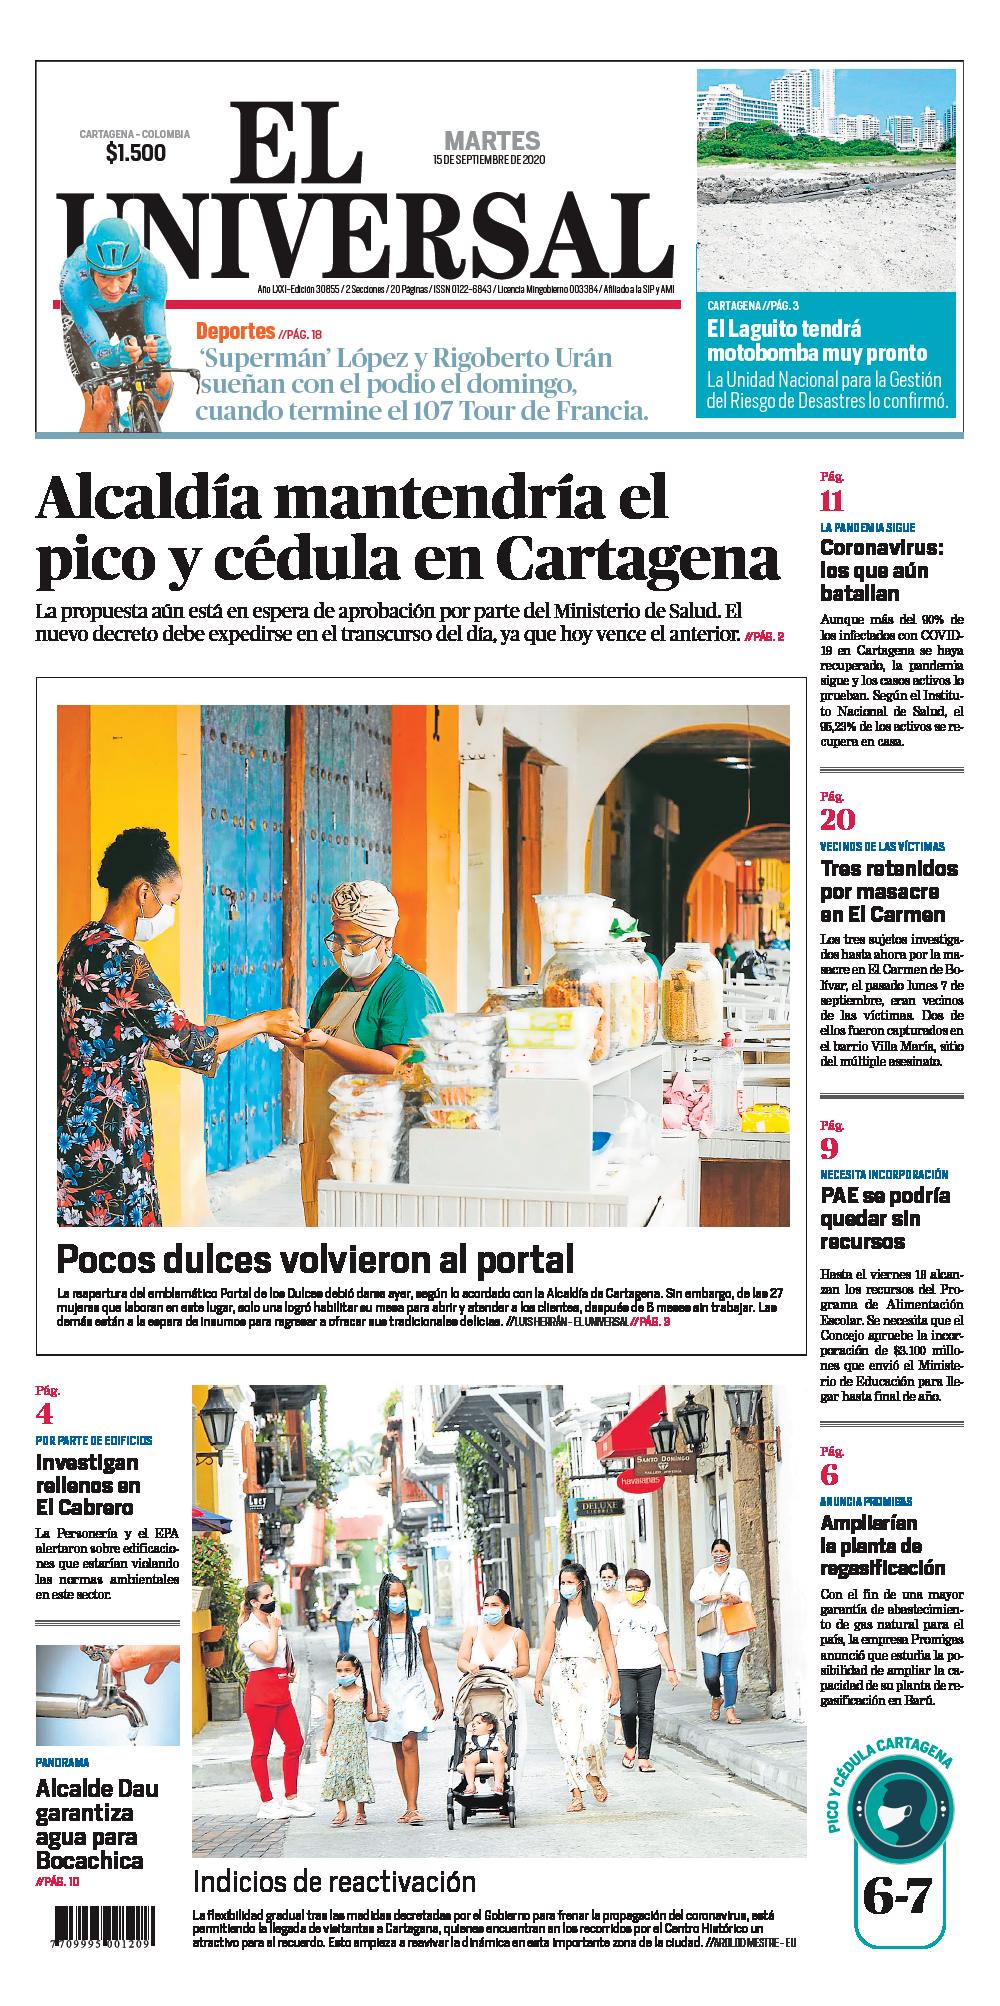 Imagen EU 15-09-2020-Página 1-UNICA